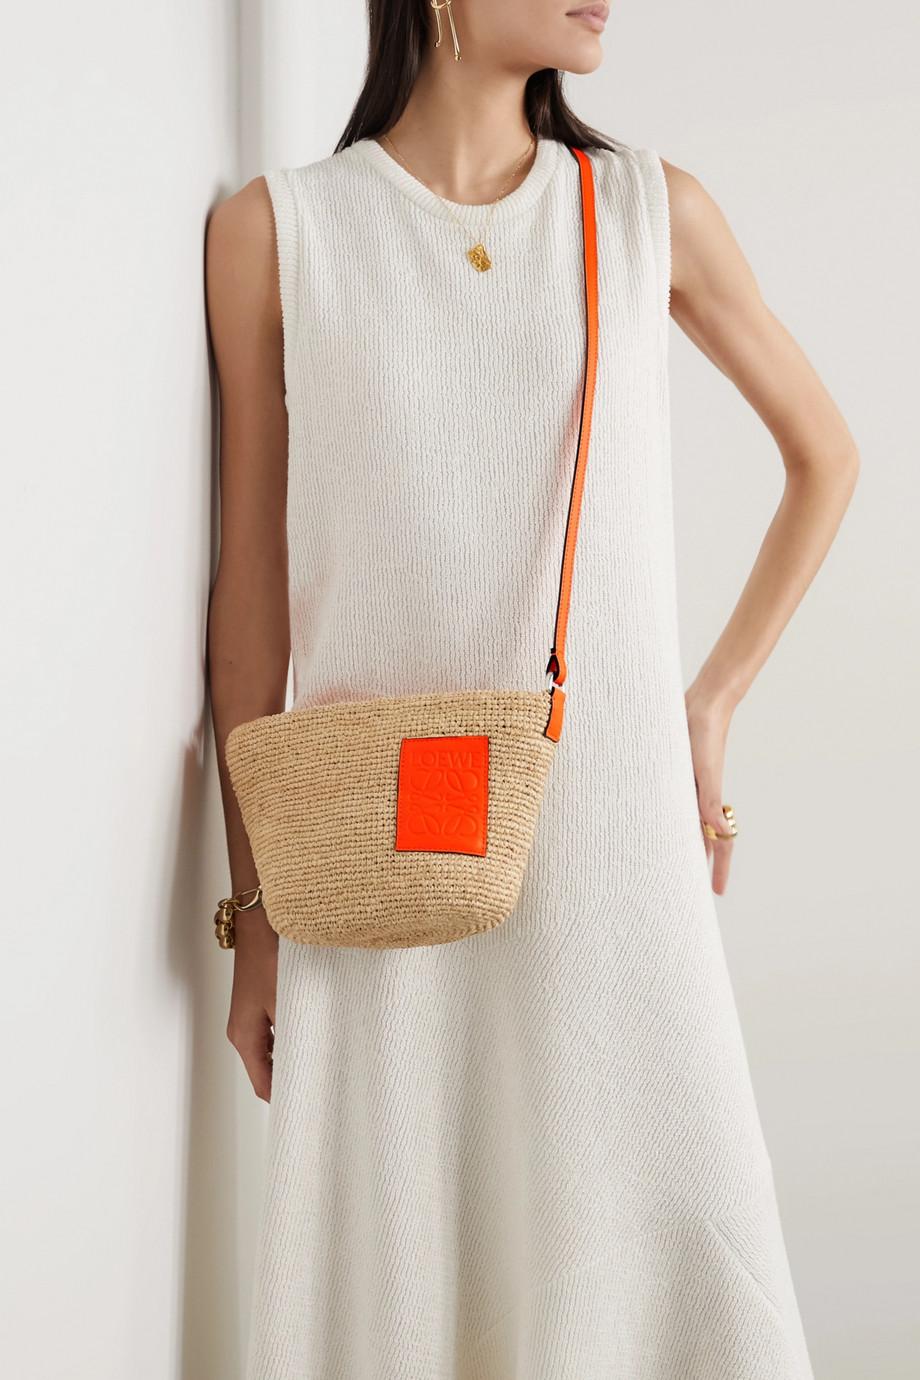 Loewe Sac porté épaule en raphia tressé à finitions en cuir Pochette x Paula's Ibiza